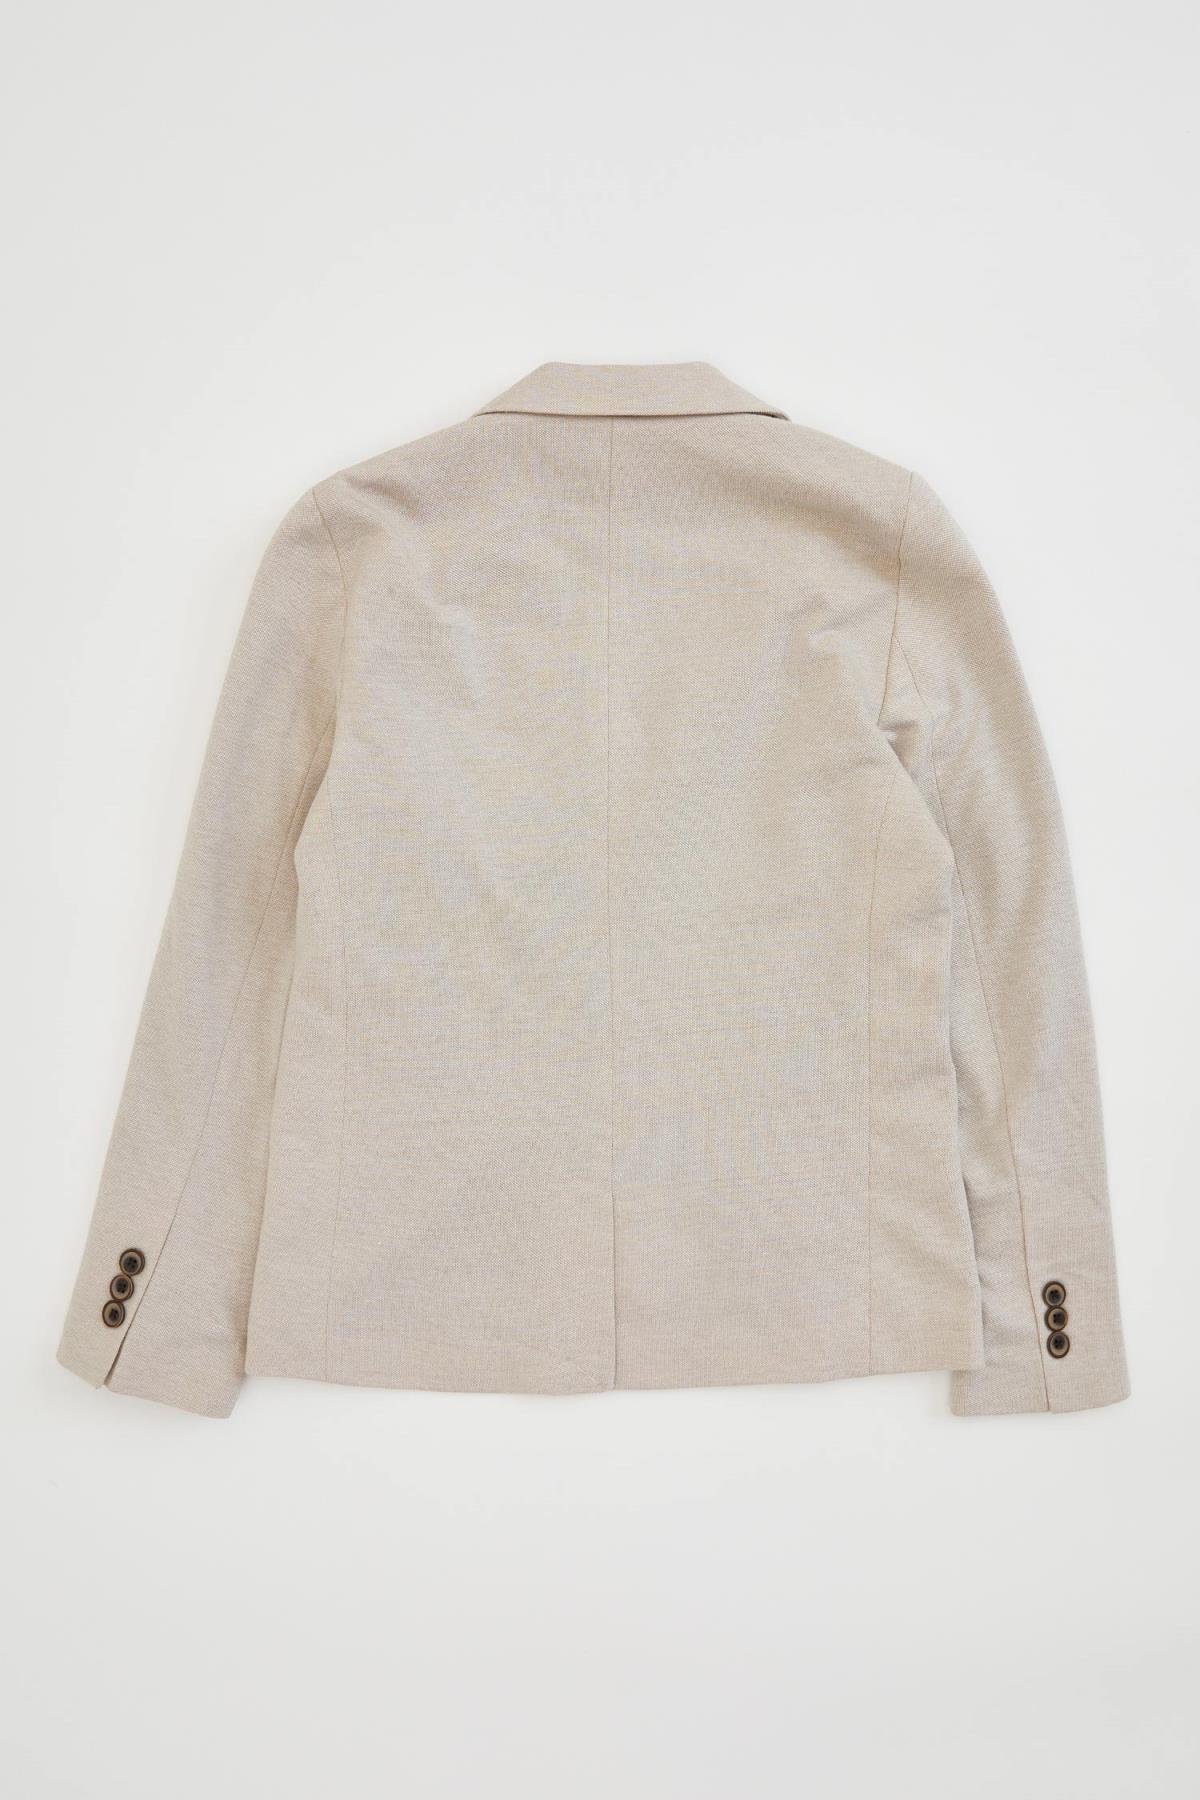 Defacto Erkek Çocuk Blazer Ceket 3